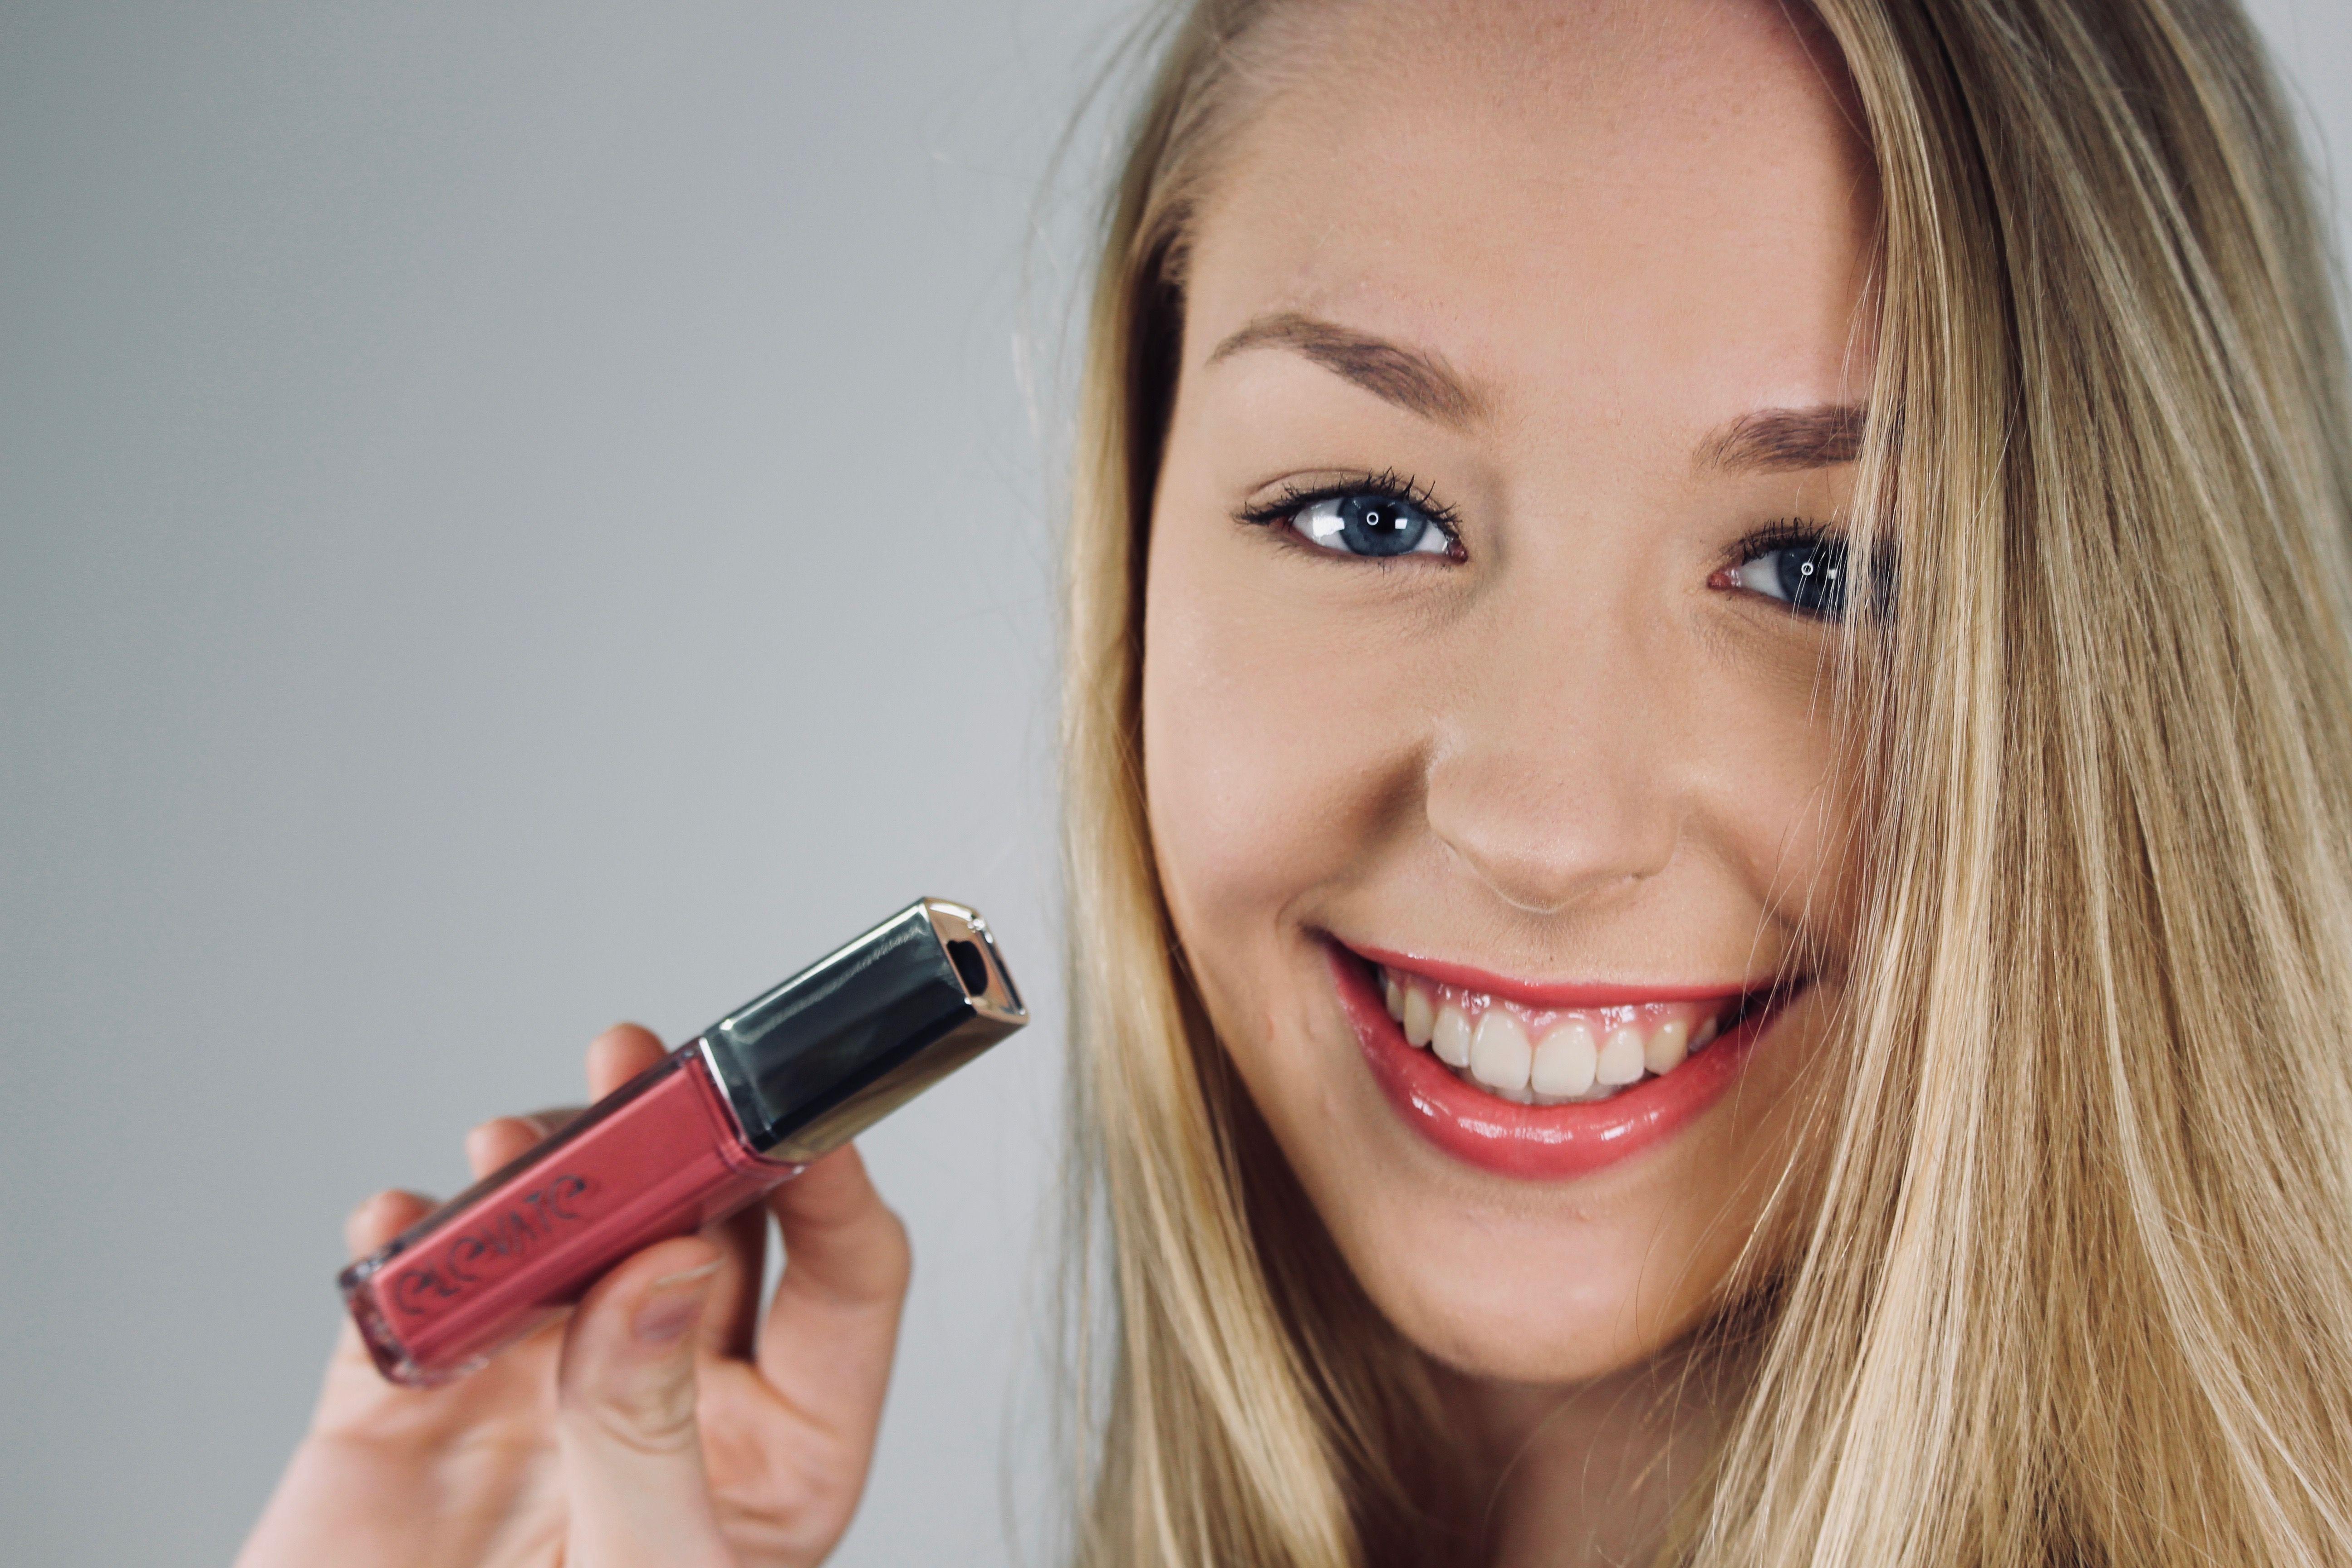 Sarah wearing 'Mischief' lipgloss Animal crueltyfree make